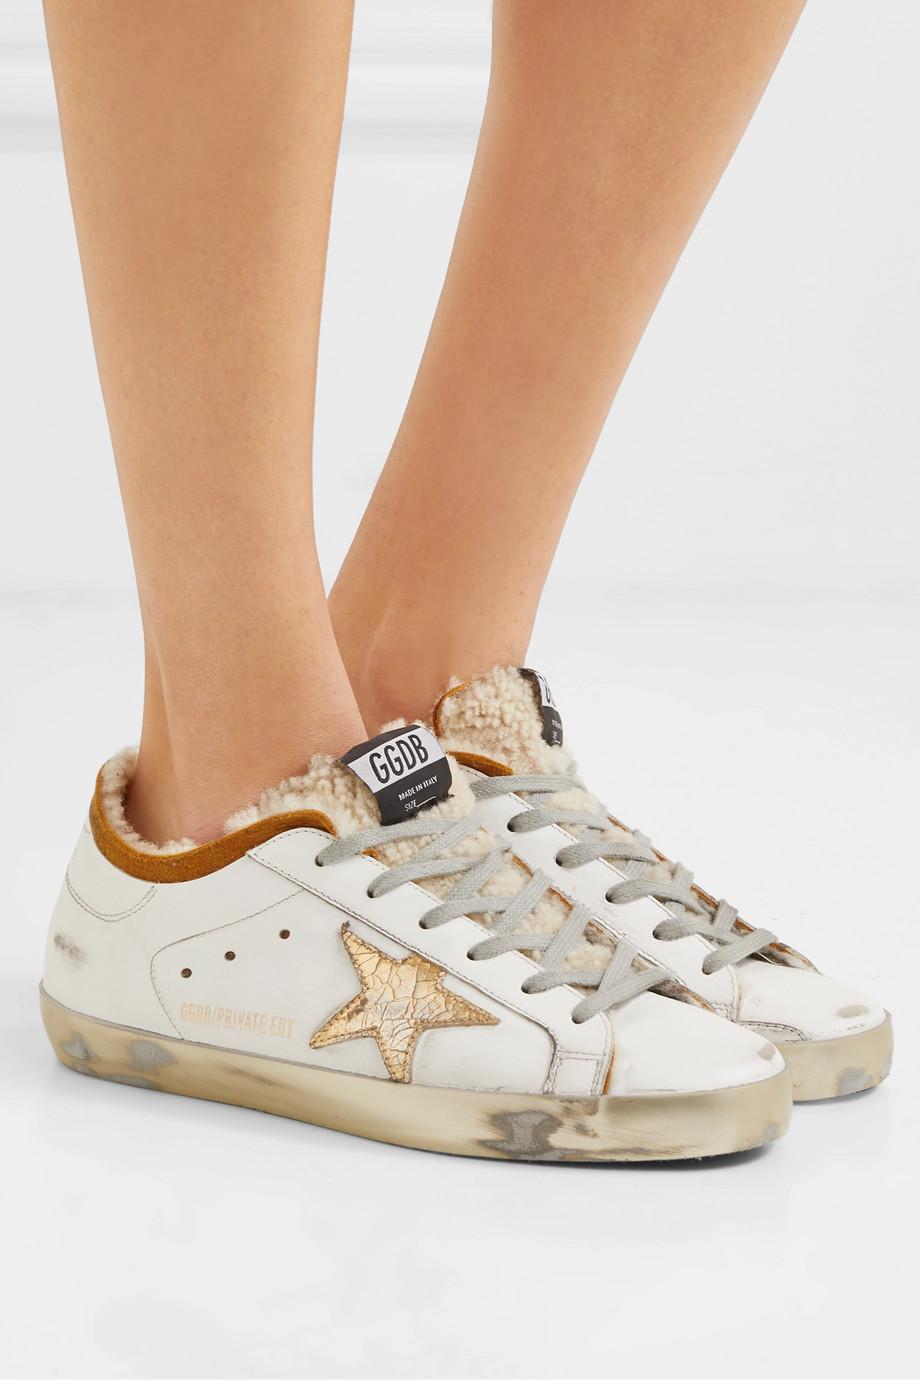 Golden Goose Superstar Sneakers aus Leder mit Shearling-Futter in Distressed-Optik